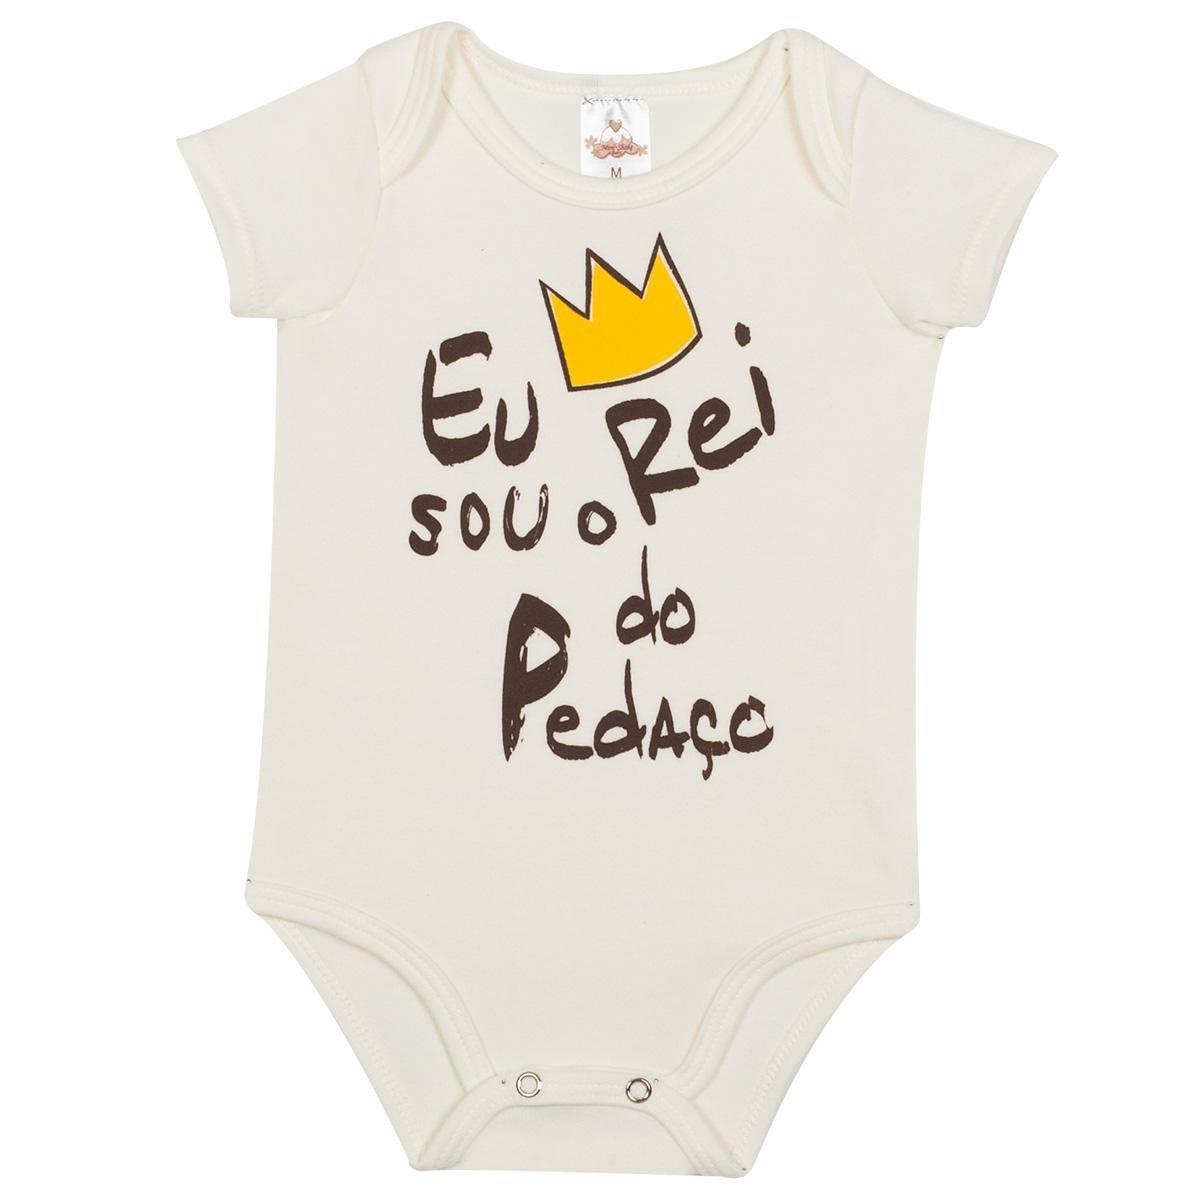 8b034a264 Body Bebê Algodão Mini Shake Rei do Pedaço Masculino | Zattini